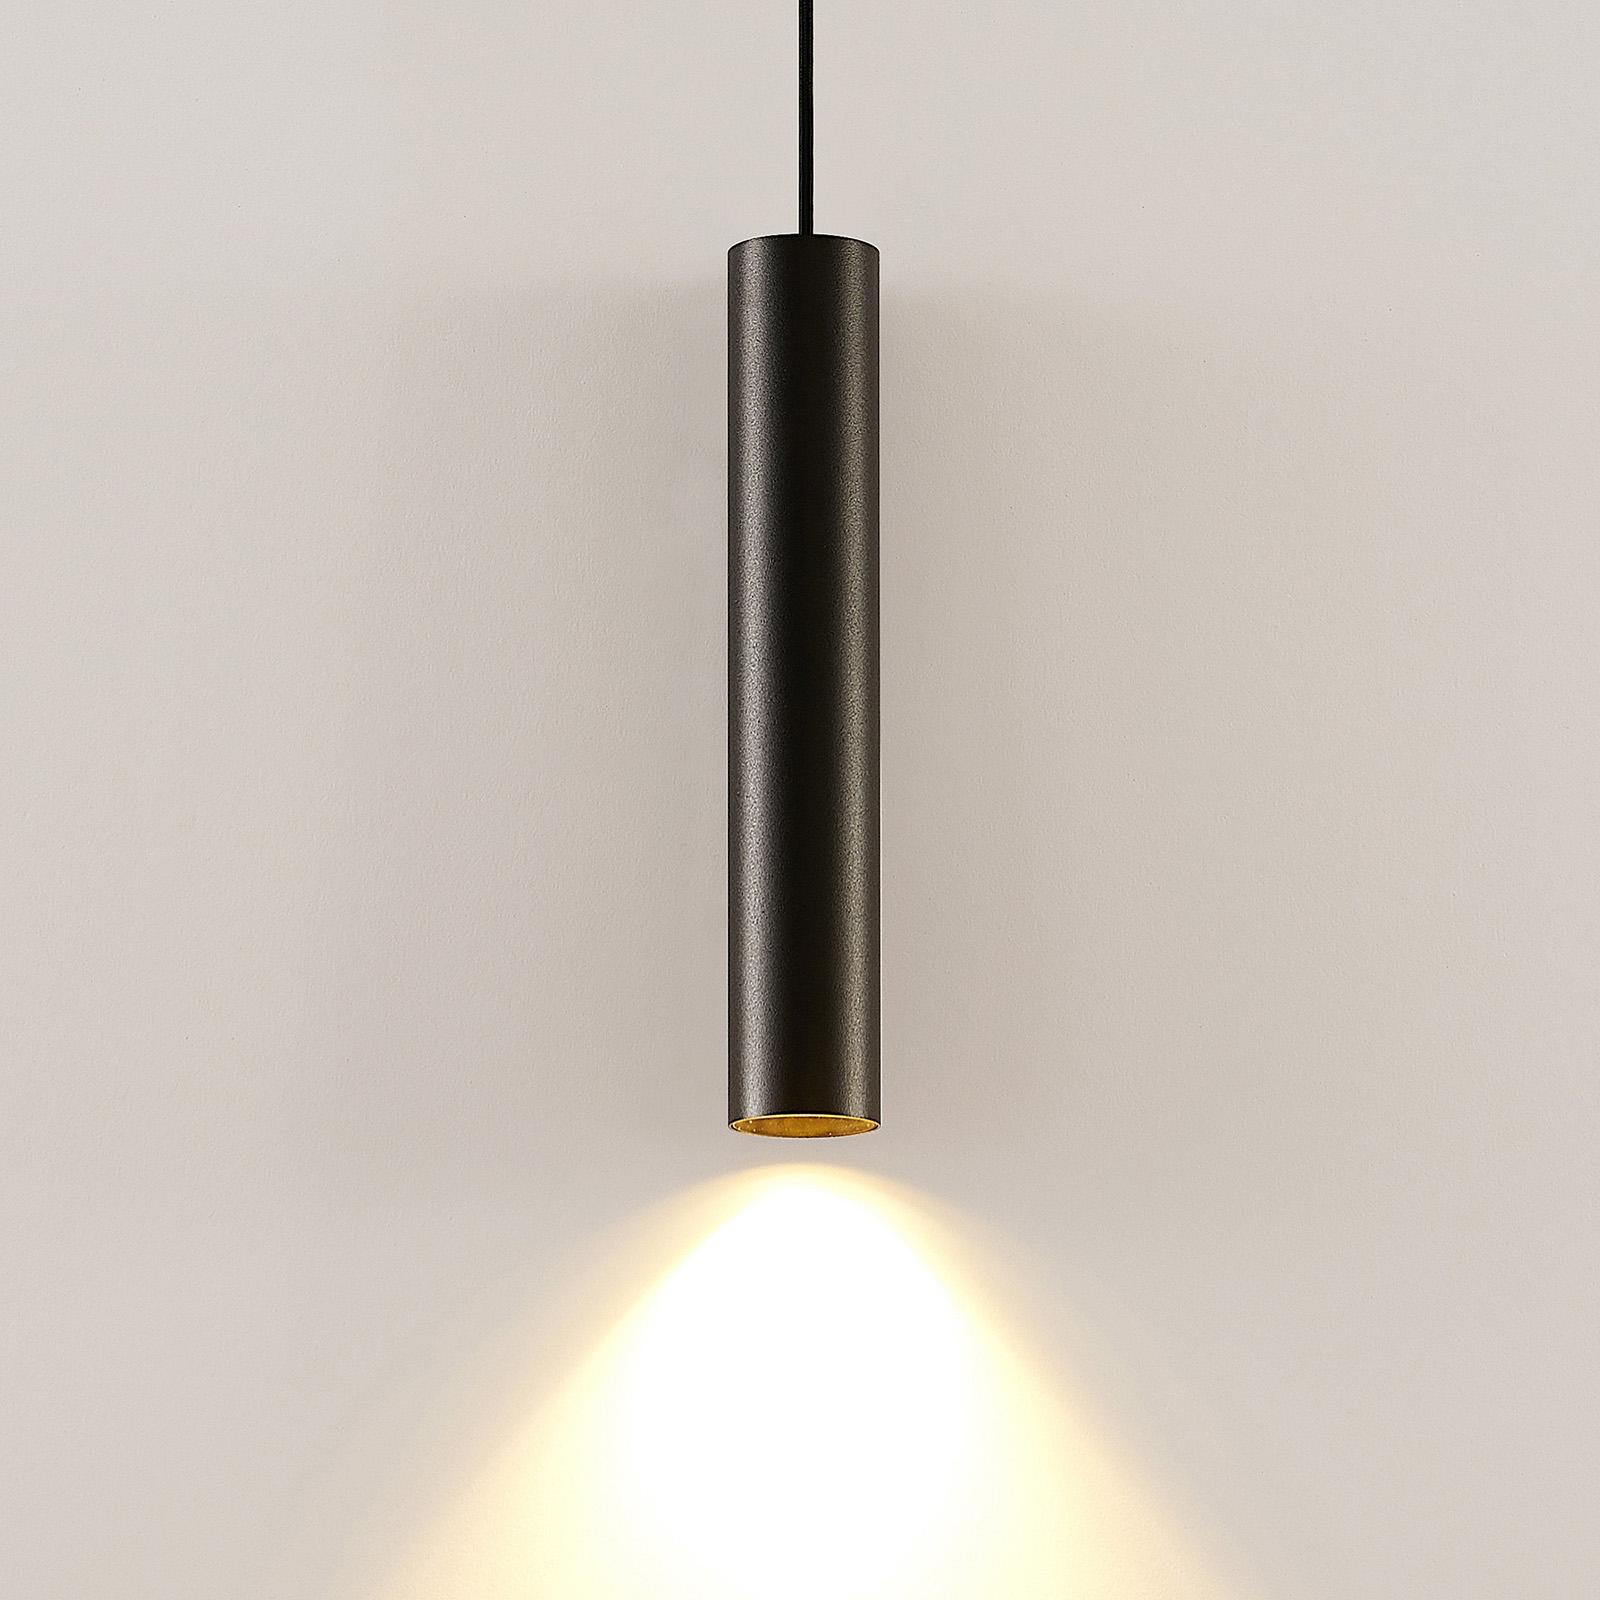 Arcchio Ejona závěsné světlo, výška 35 cm, černá